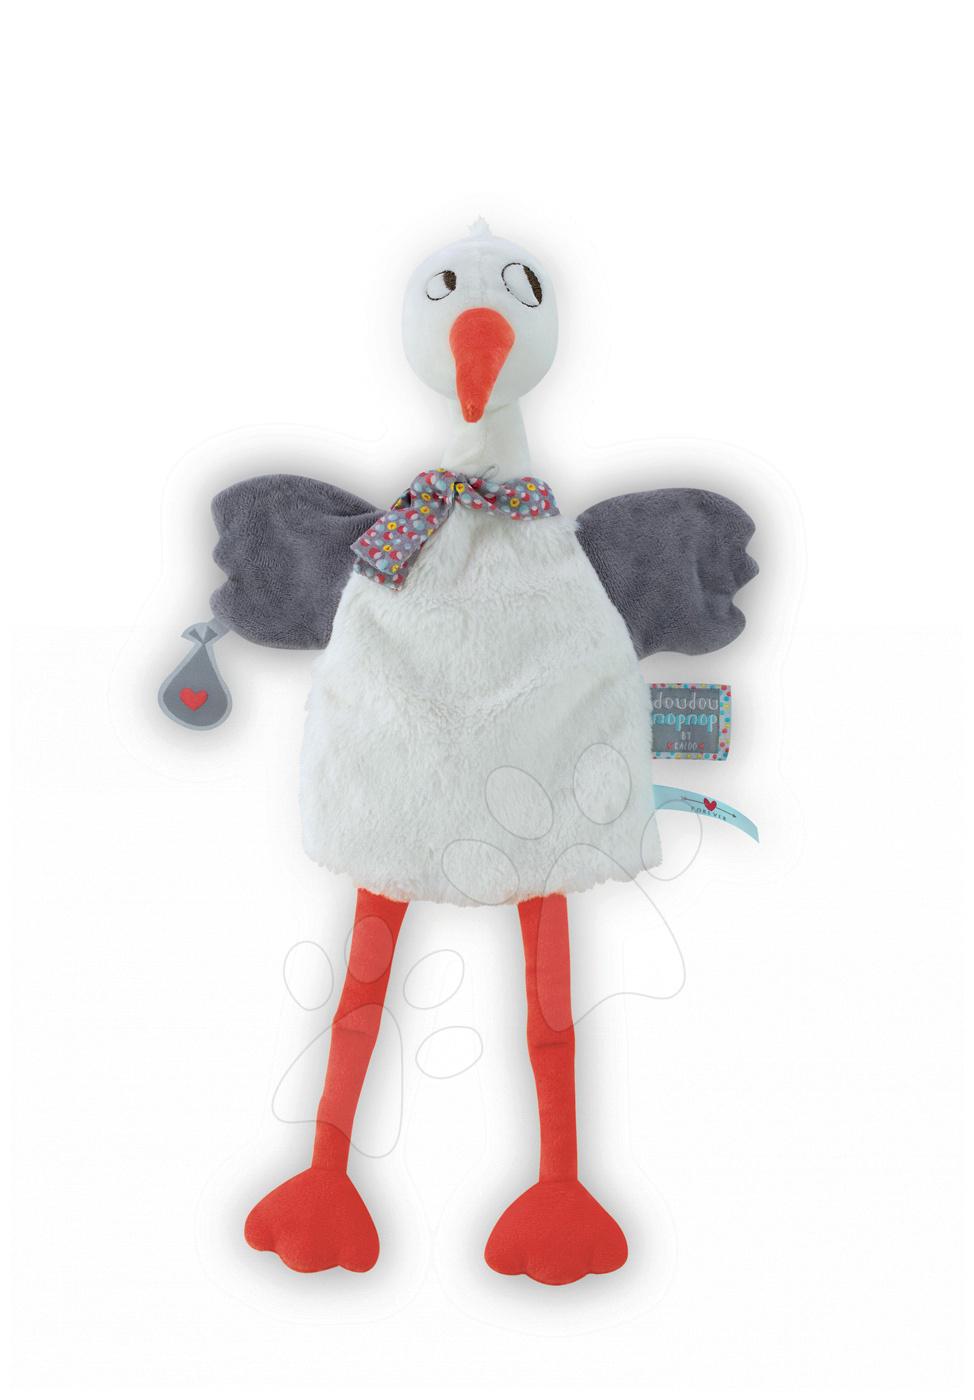 Plyšový čáp loutkové divadlo Nopnop-Dandy Stork Doudou Kaloo 25 cm pro nejmenší